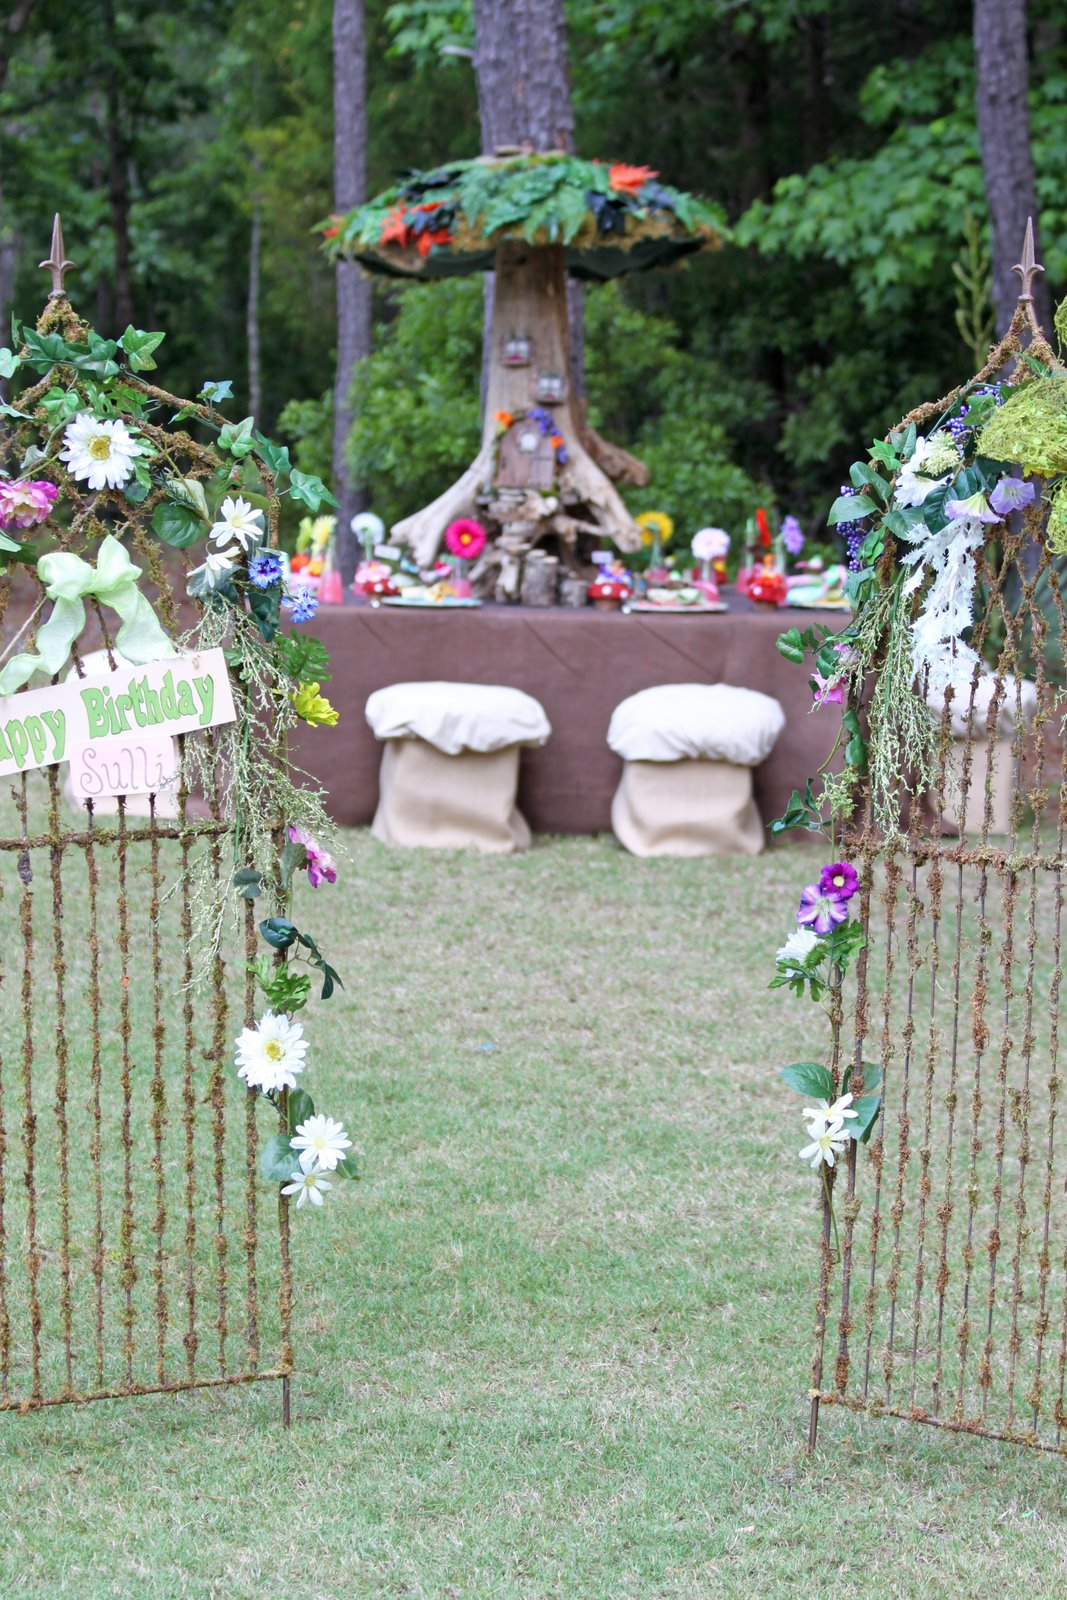 Garden Fairy Party Sneak Peak Tiaras Tantrums